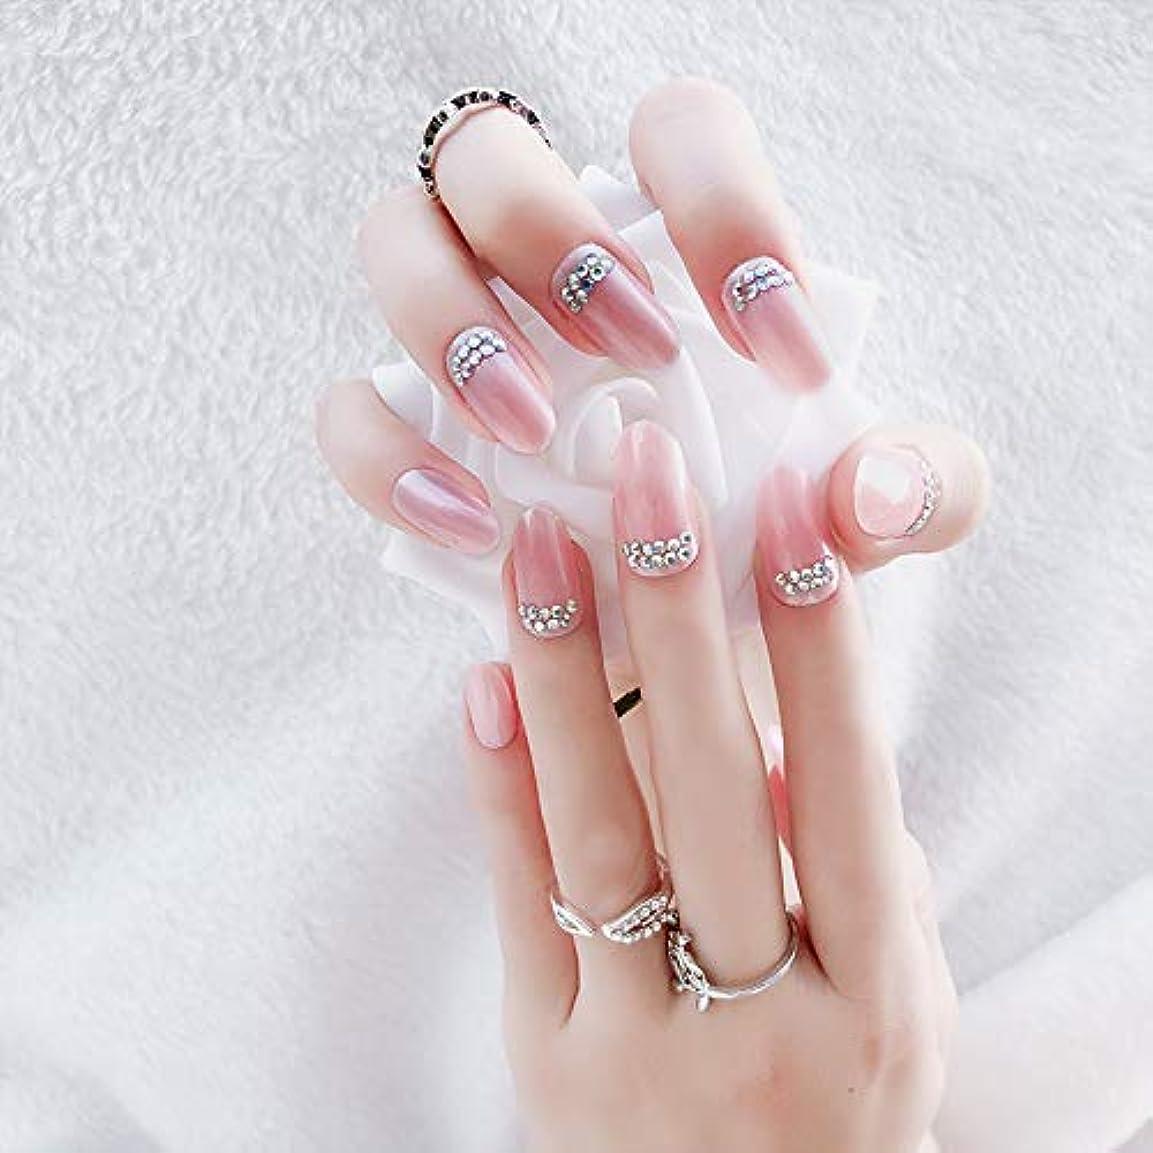 うそつき明らかにフィヨルド花嫁ネイル 手作りネイルチップ 和装 ネイル 24枚入 結婚式、パーティー、二次会など 可愛い優雅ネイル 人造ダイヤモンドの装飾 (A20)